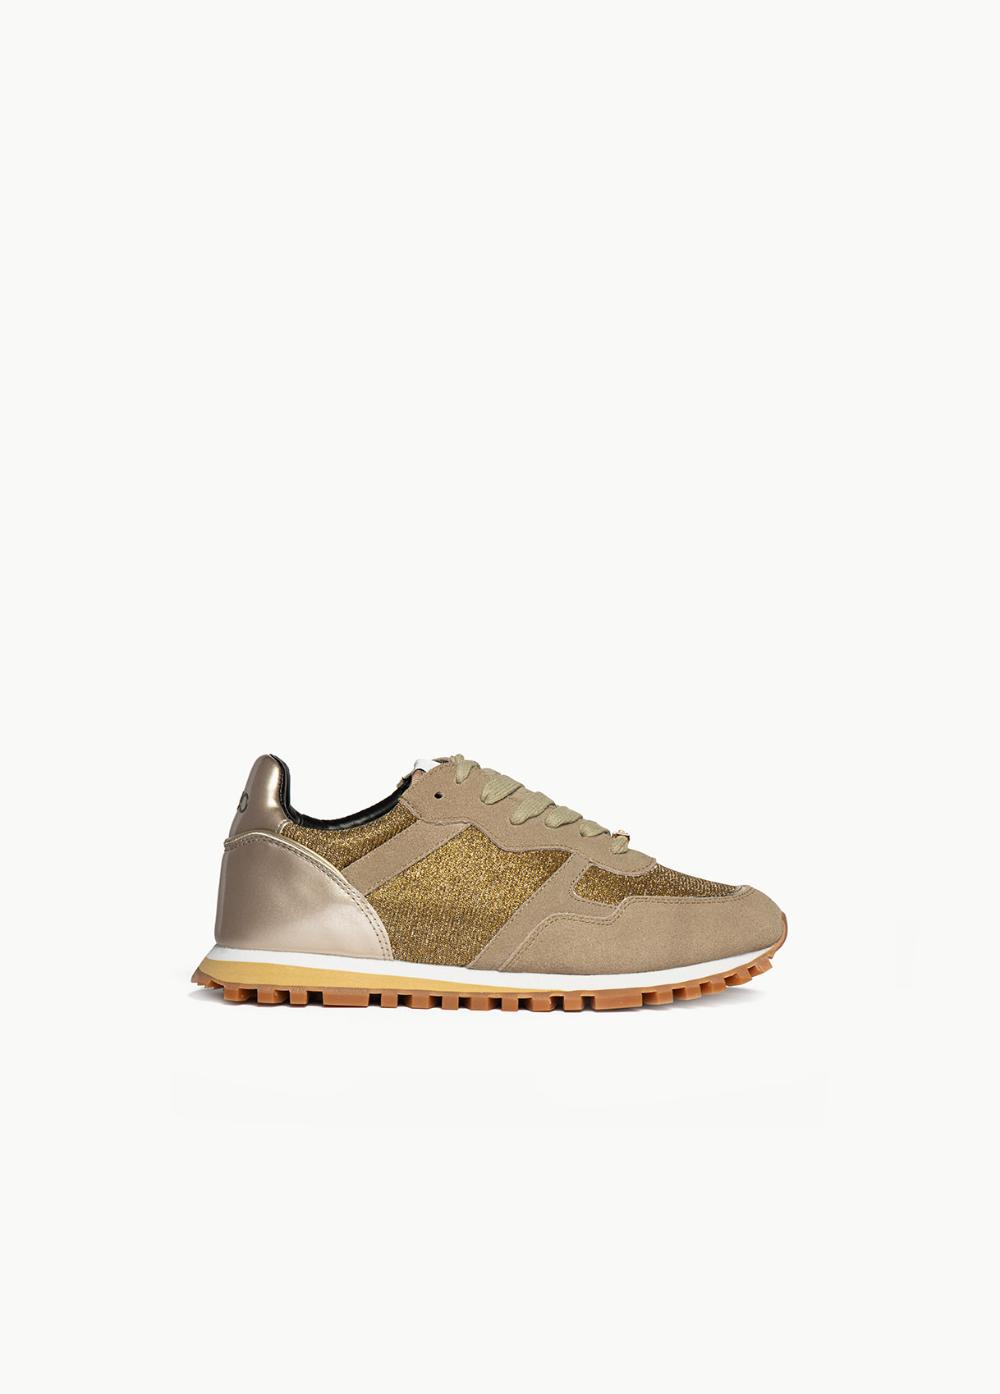 Zapatillas De Ante Y Lurex Shop Online Liu Jo Zapatos Mujer Zapato De Vestir Hombre Zapatos